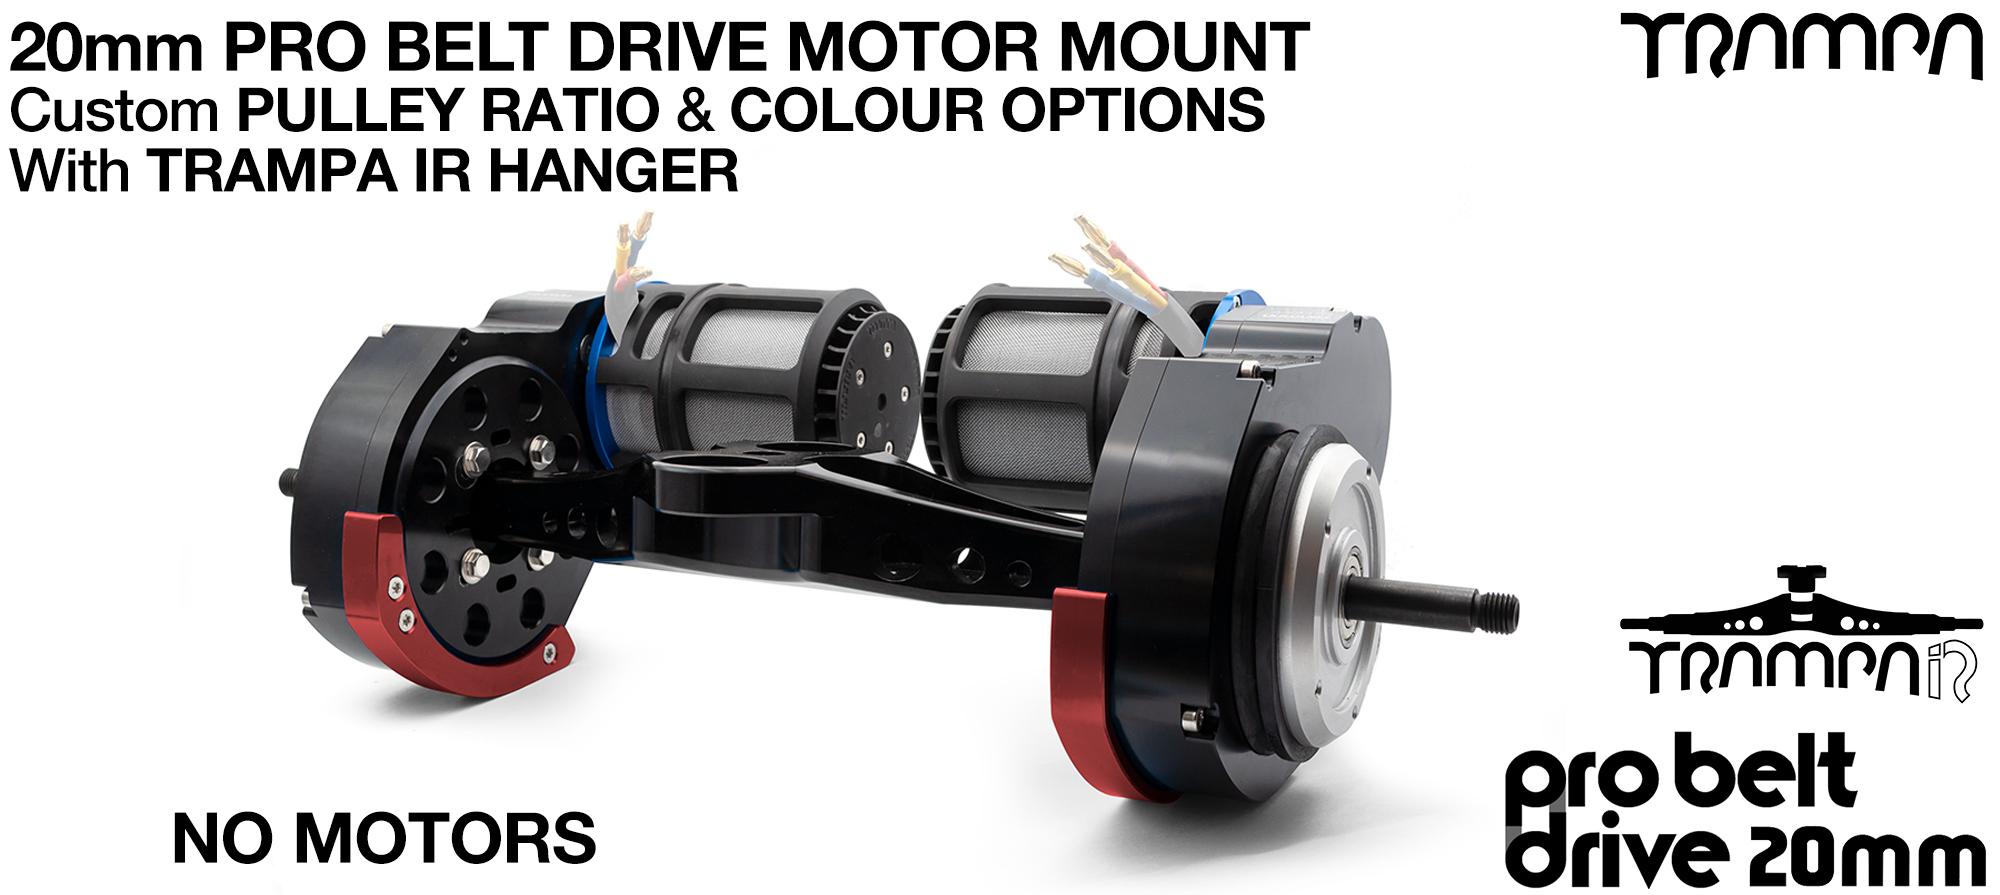 TRAMPA's 20mm PRO Belt Drive TWIN Motor Mountainboard & TRAMPA IR Hanger - NO MOTORS